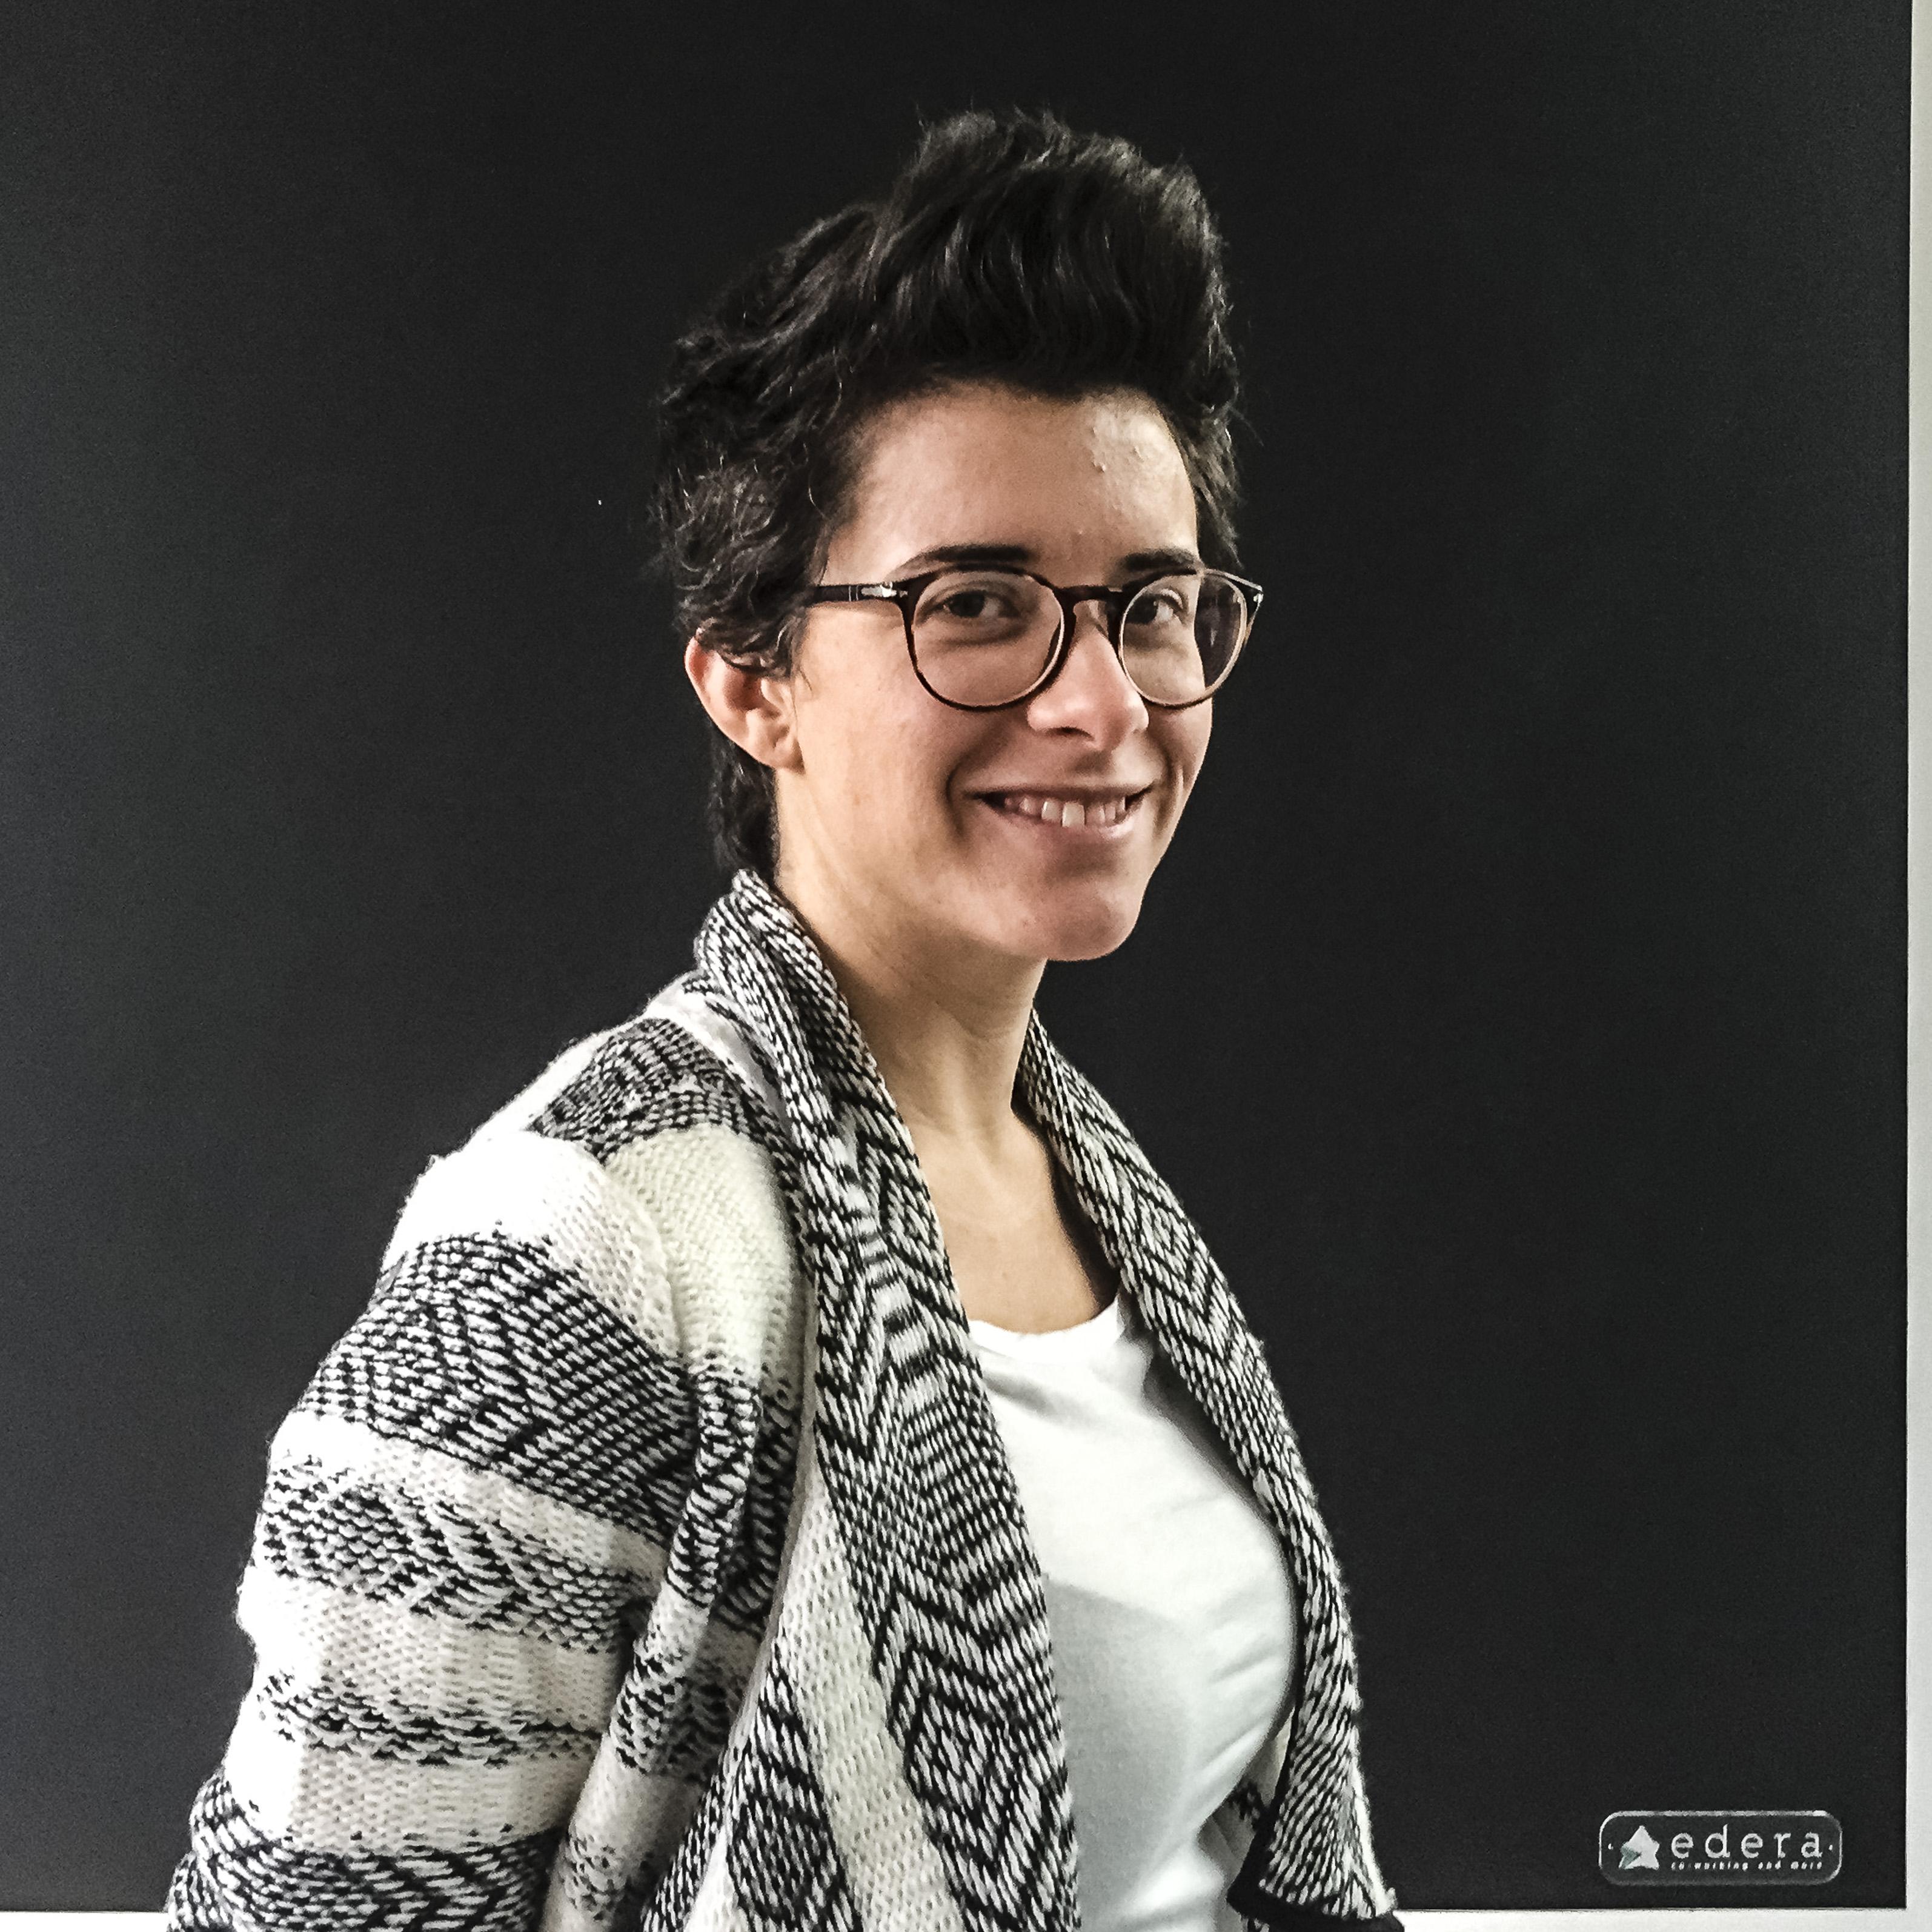 Sara Borghi